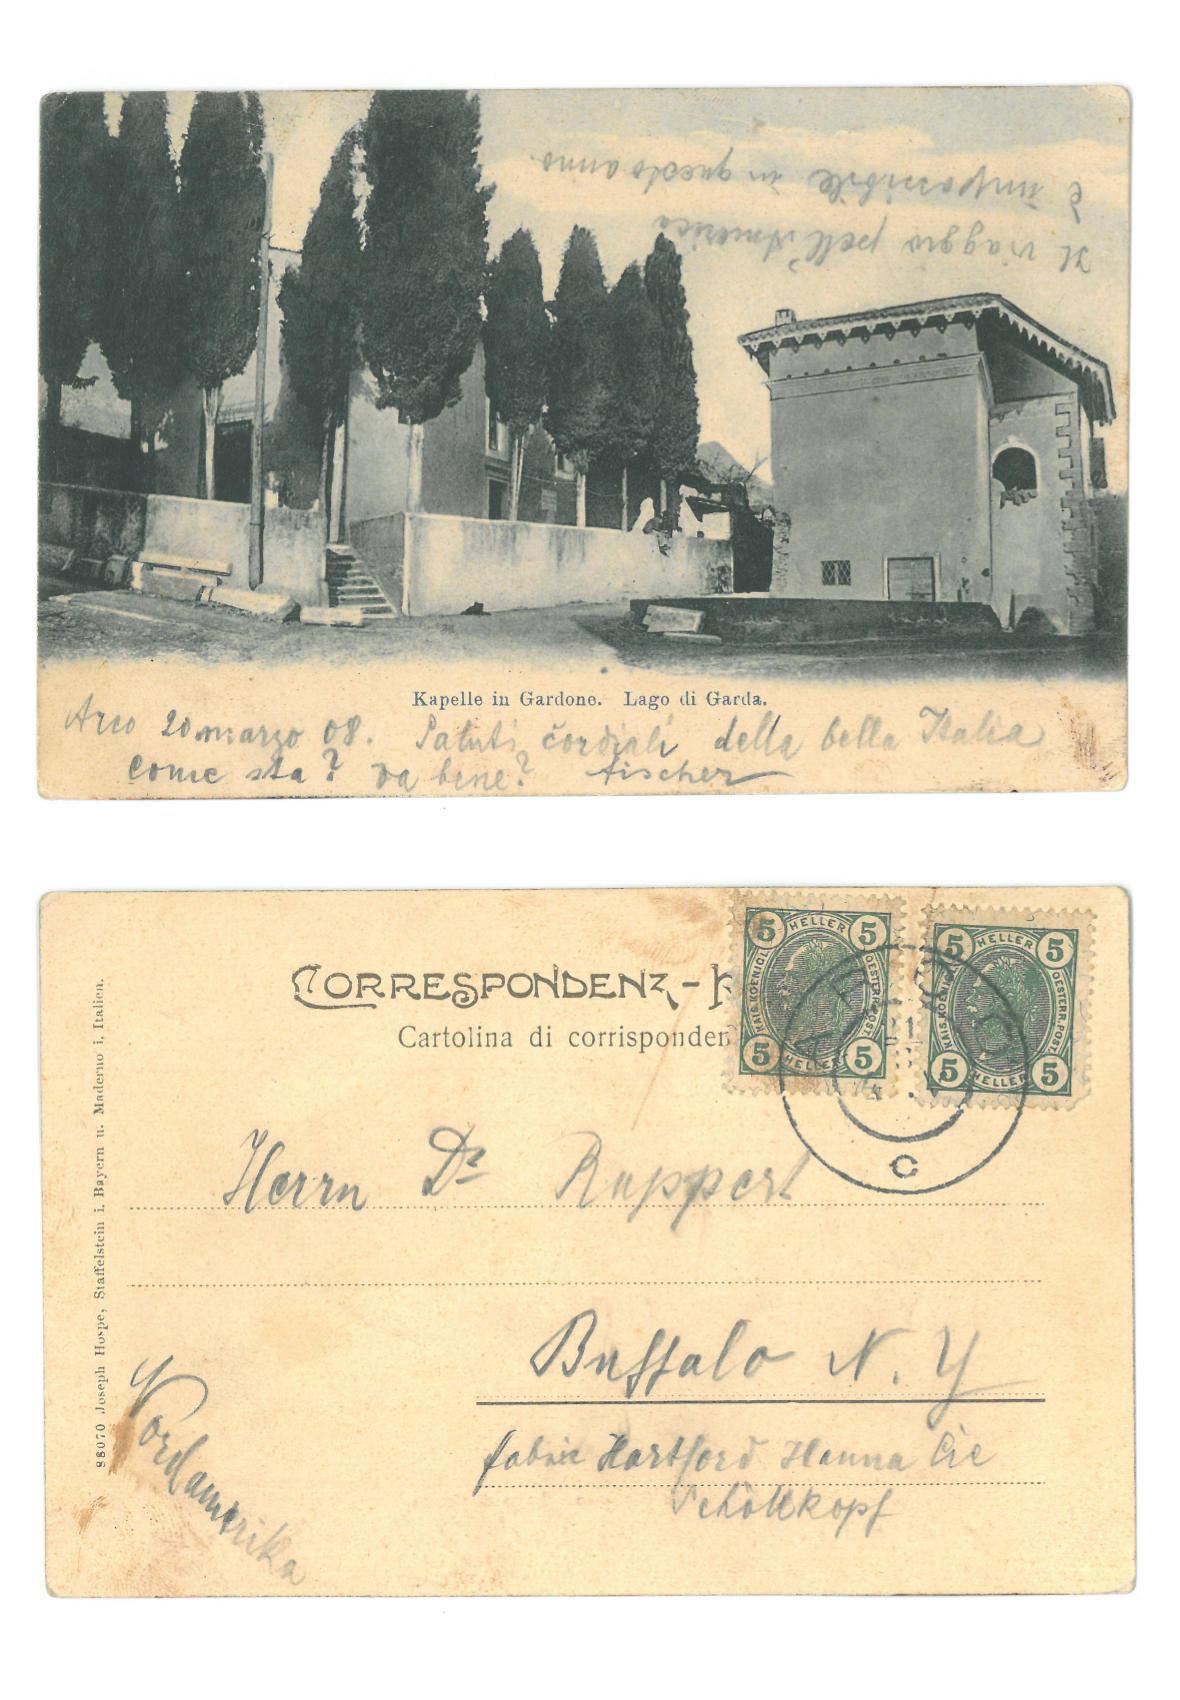 Kappelle in Gardone